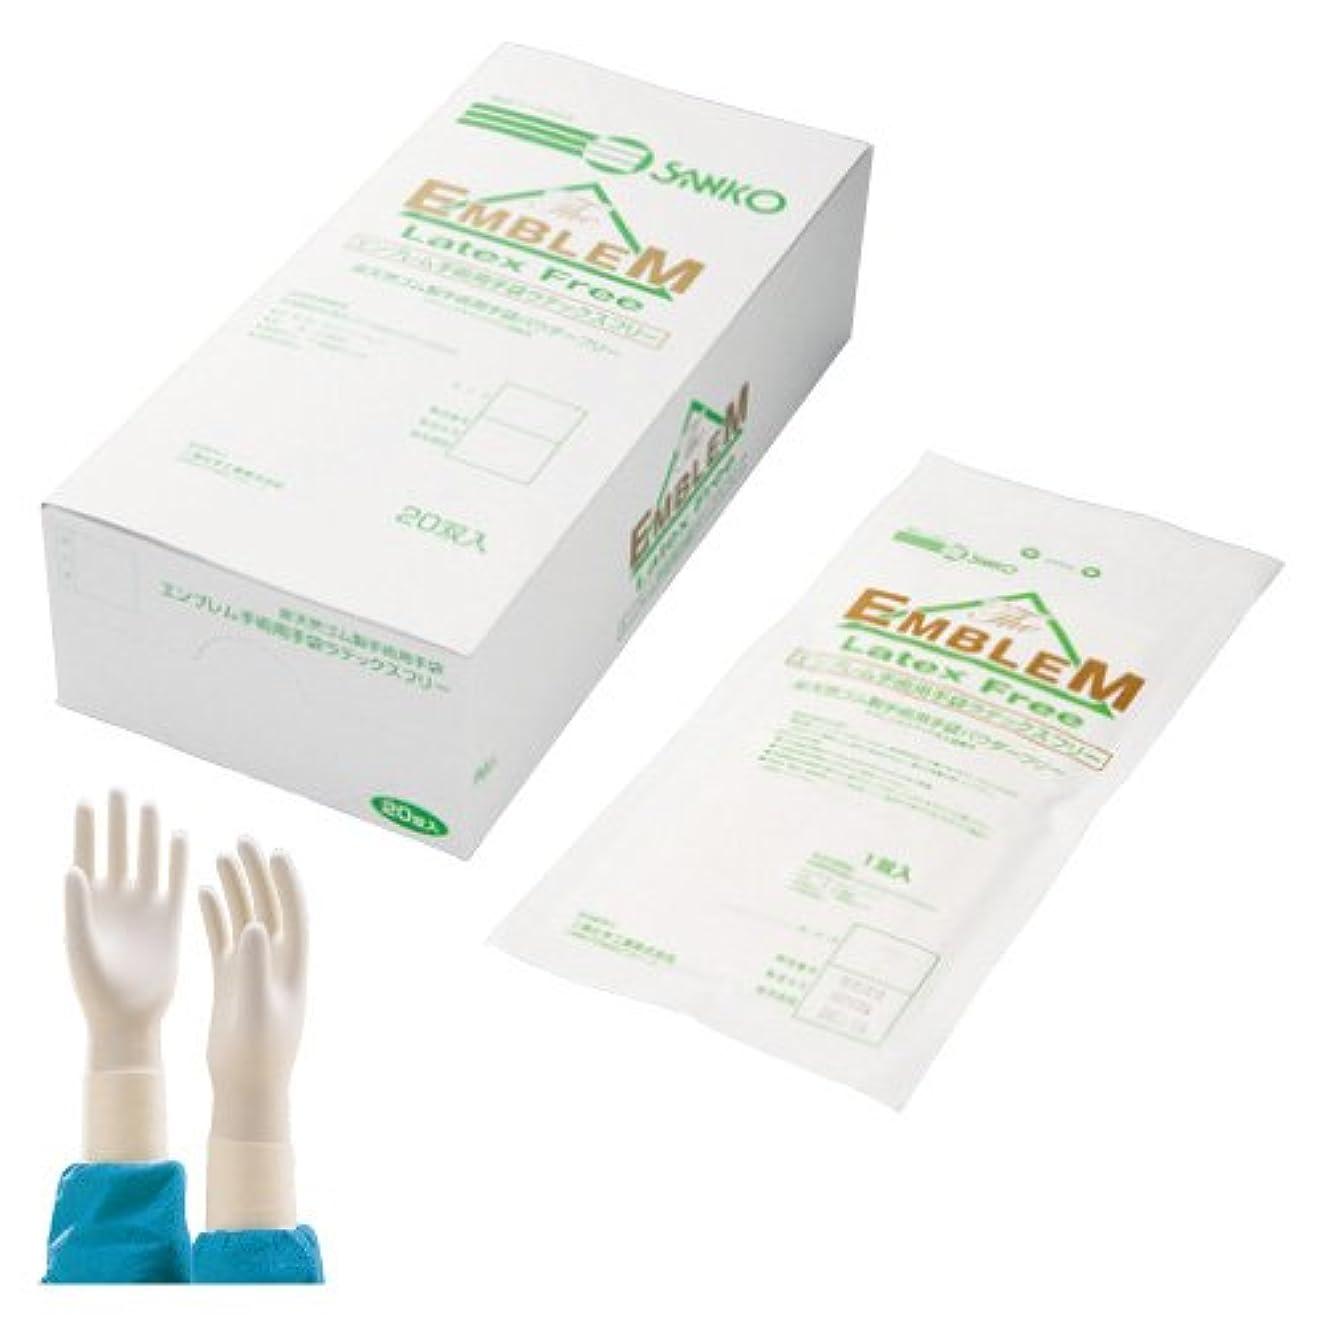 解決する泥だらけ放散するエンブレム手術用手袋 7 <1箱(20双入)>